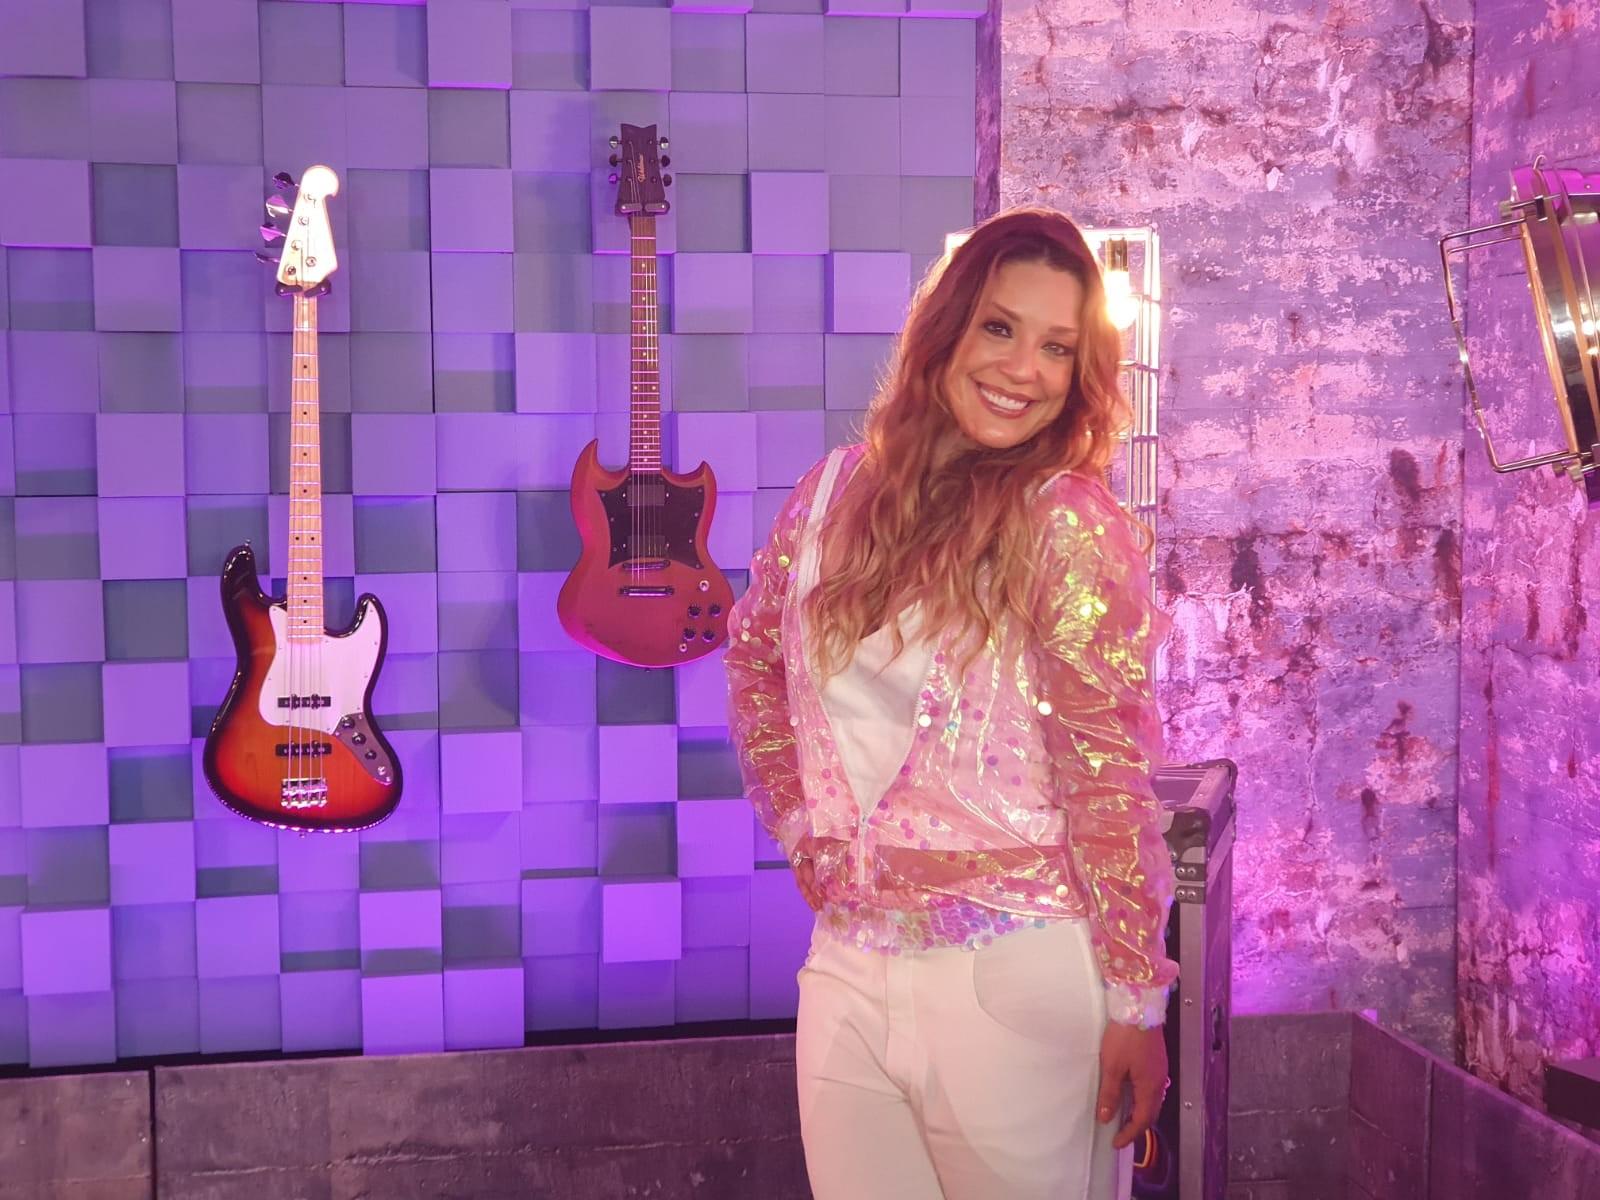 Helga Nemeczyk diz que quer levar empoderamento feminino ao palco do 'PopStar' - Notícias - Plantão Diário